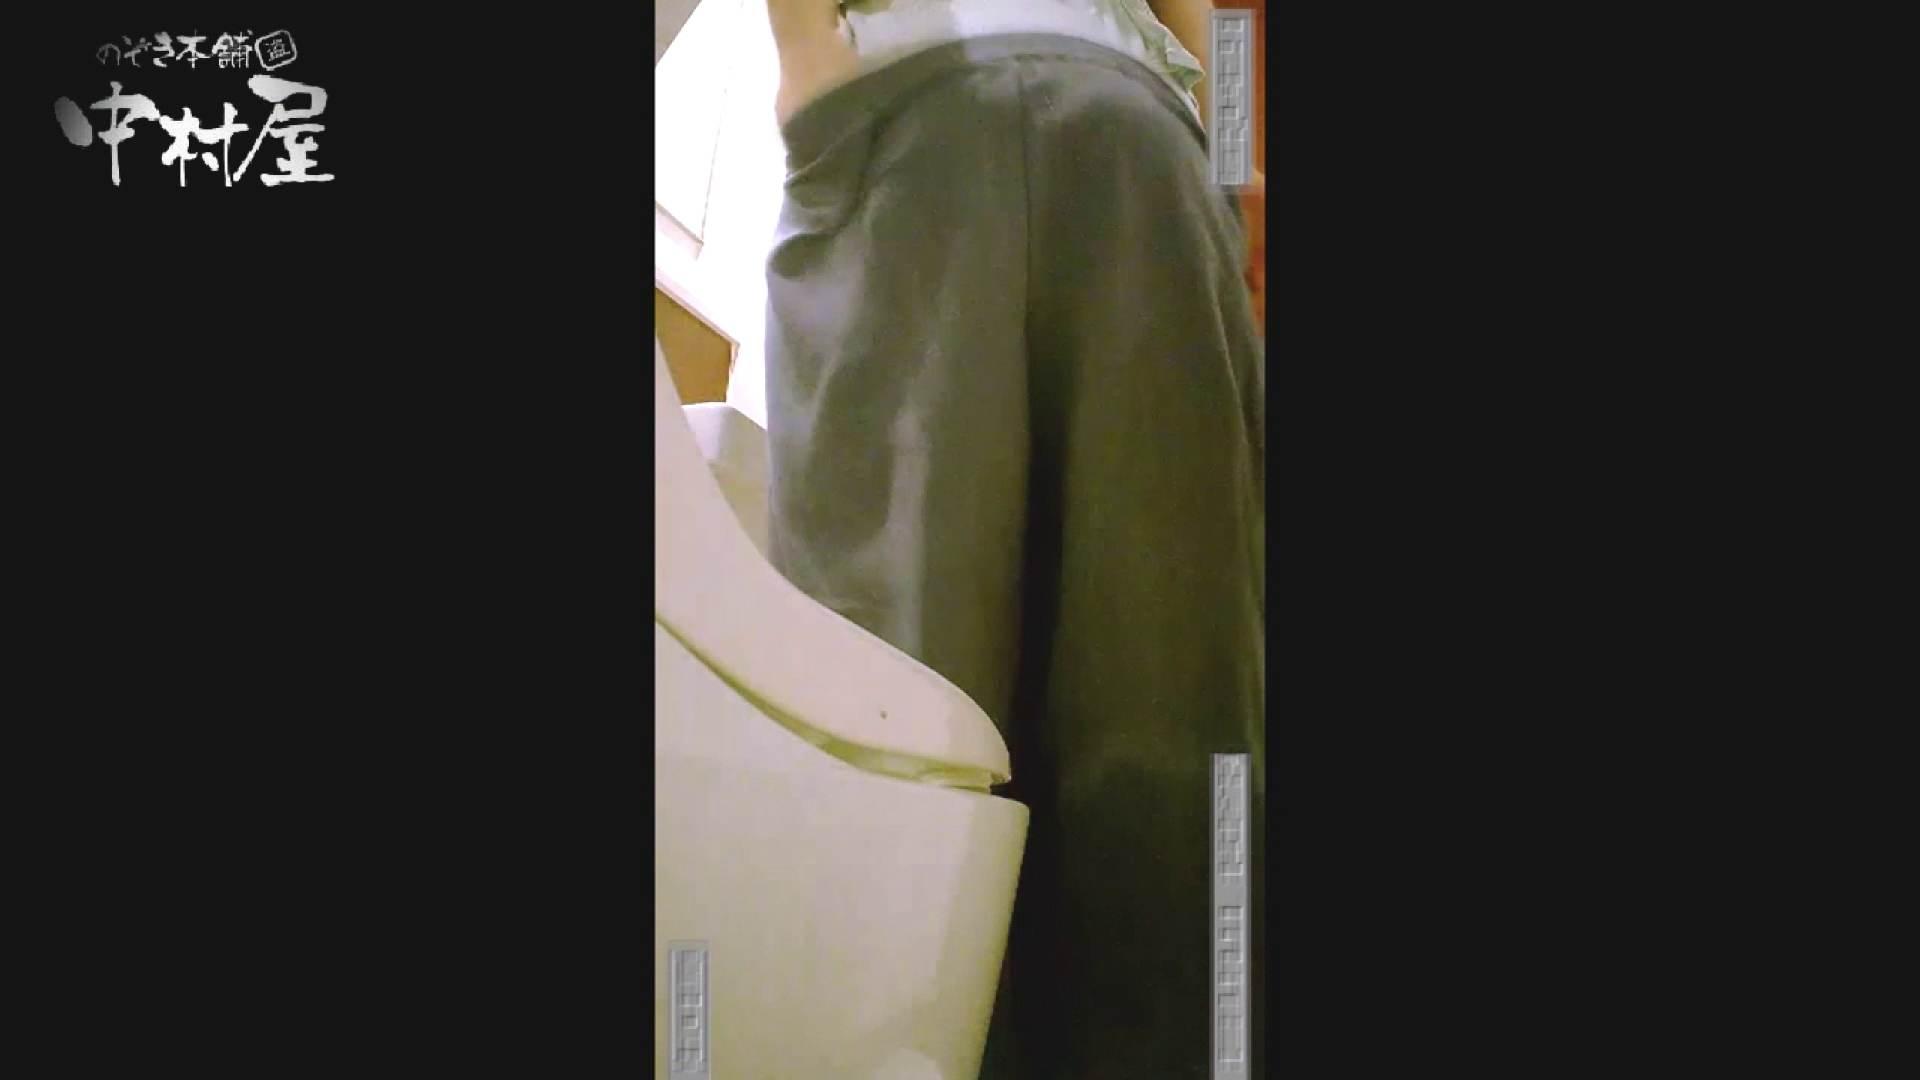 高画質トイレ盗撮vol.10 女子トイレ編   高画質  94PIX 85